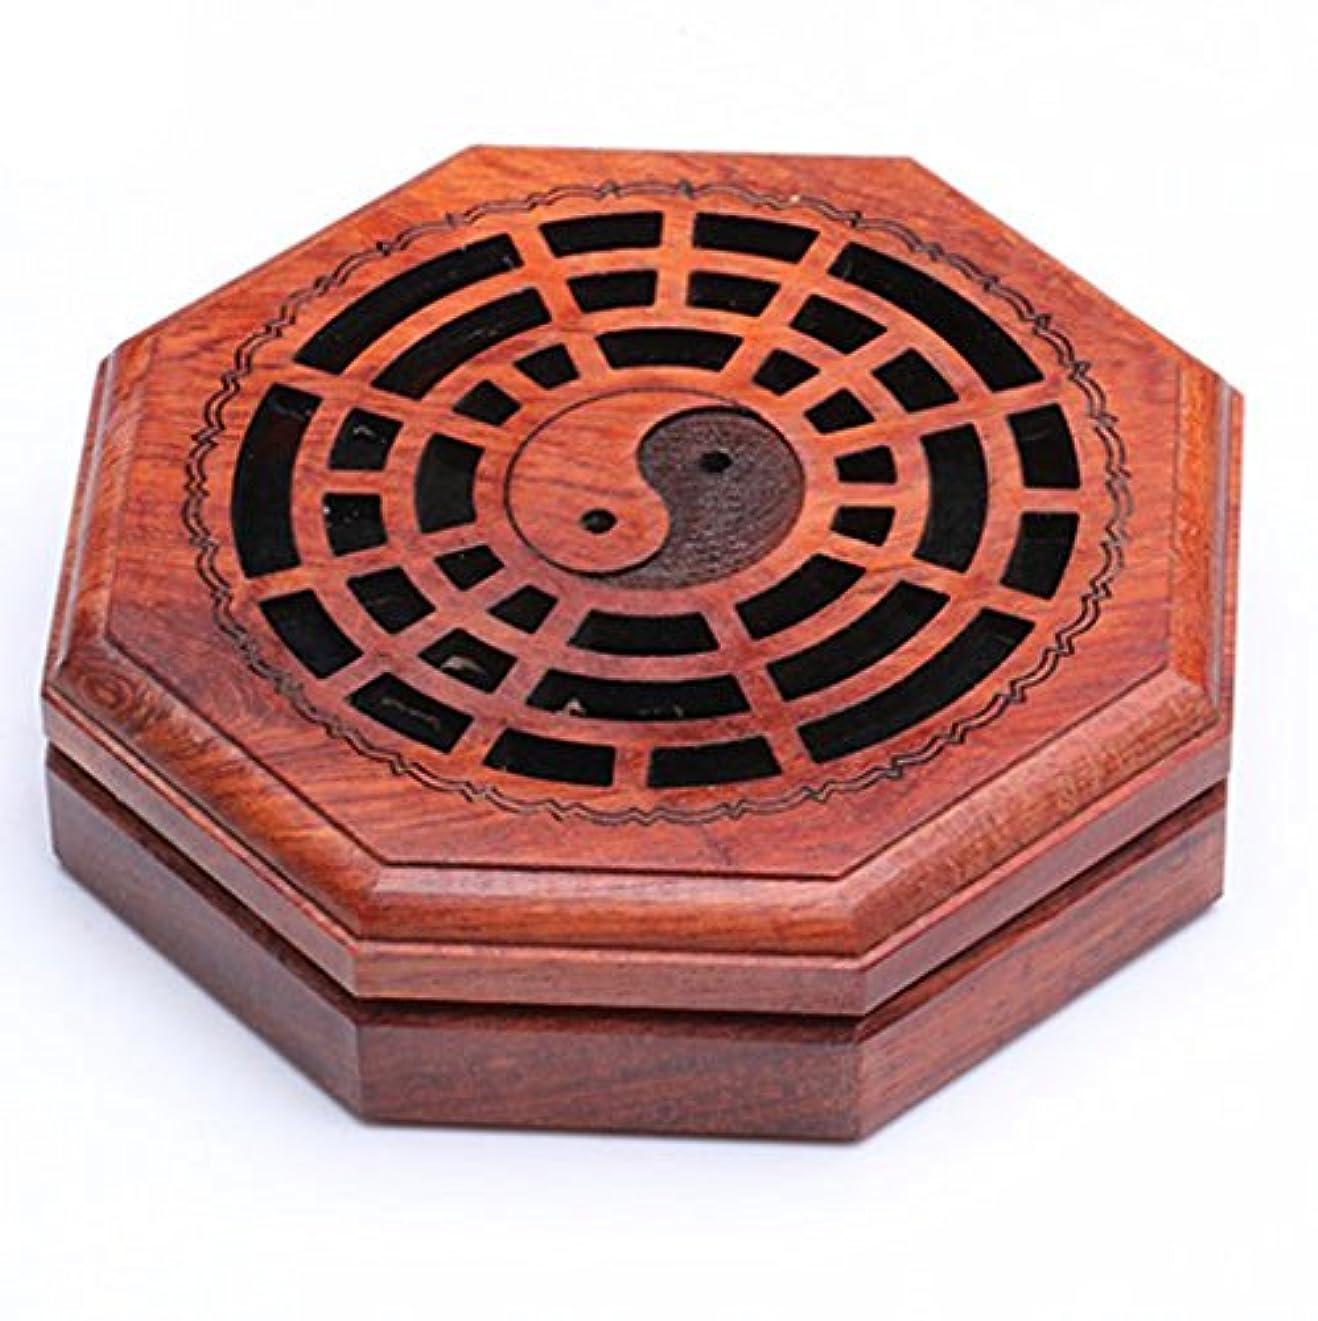 読者知覚できる吸い込む(ラシューバー) Lasuiveur 香炉 線香立て 香立て 職人さんの手作り 茶道用品 おしゃれ  木製 透かし彫り